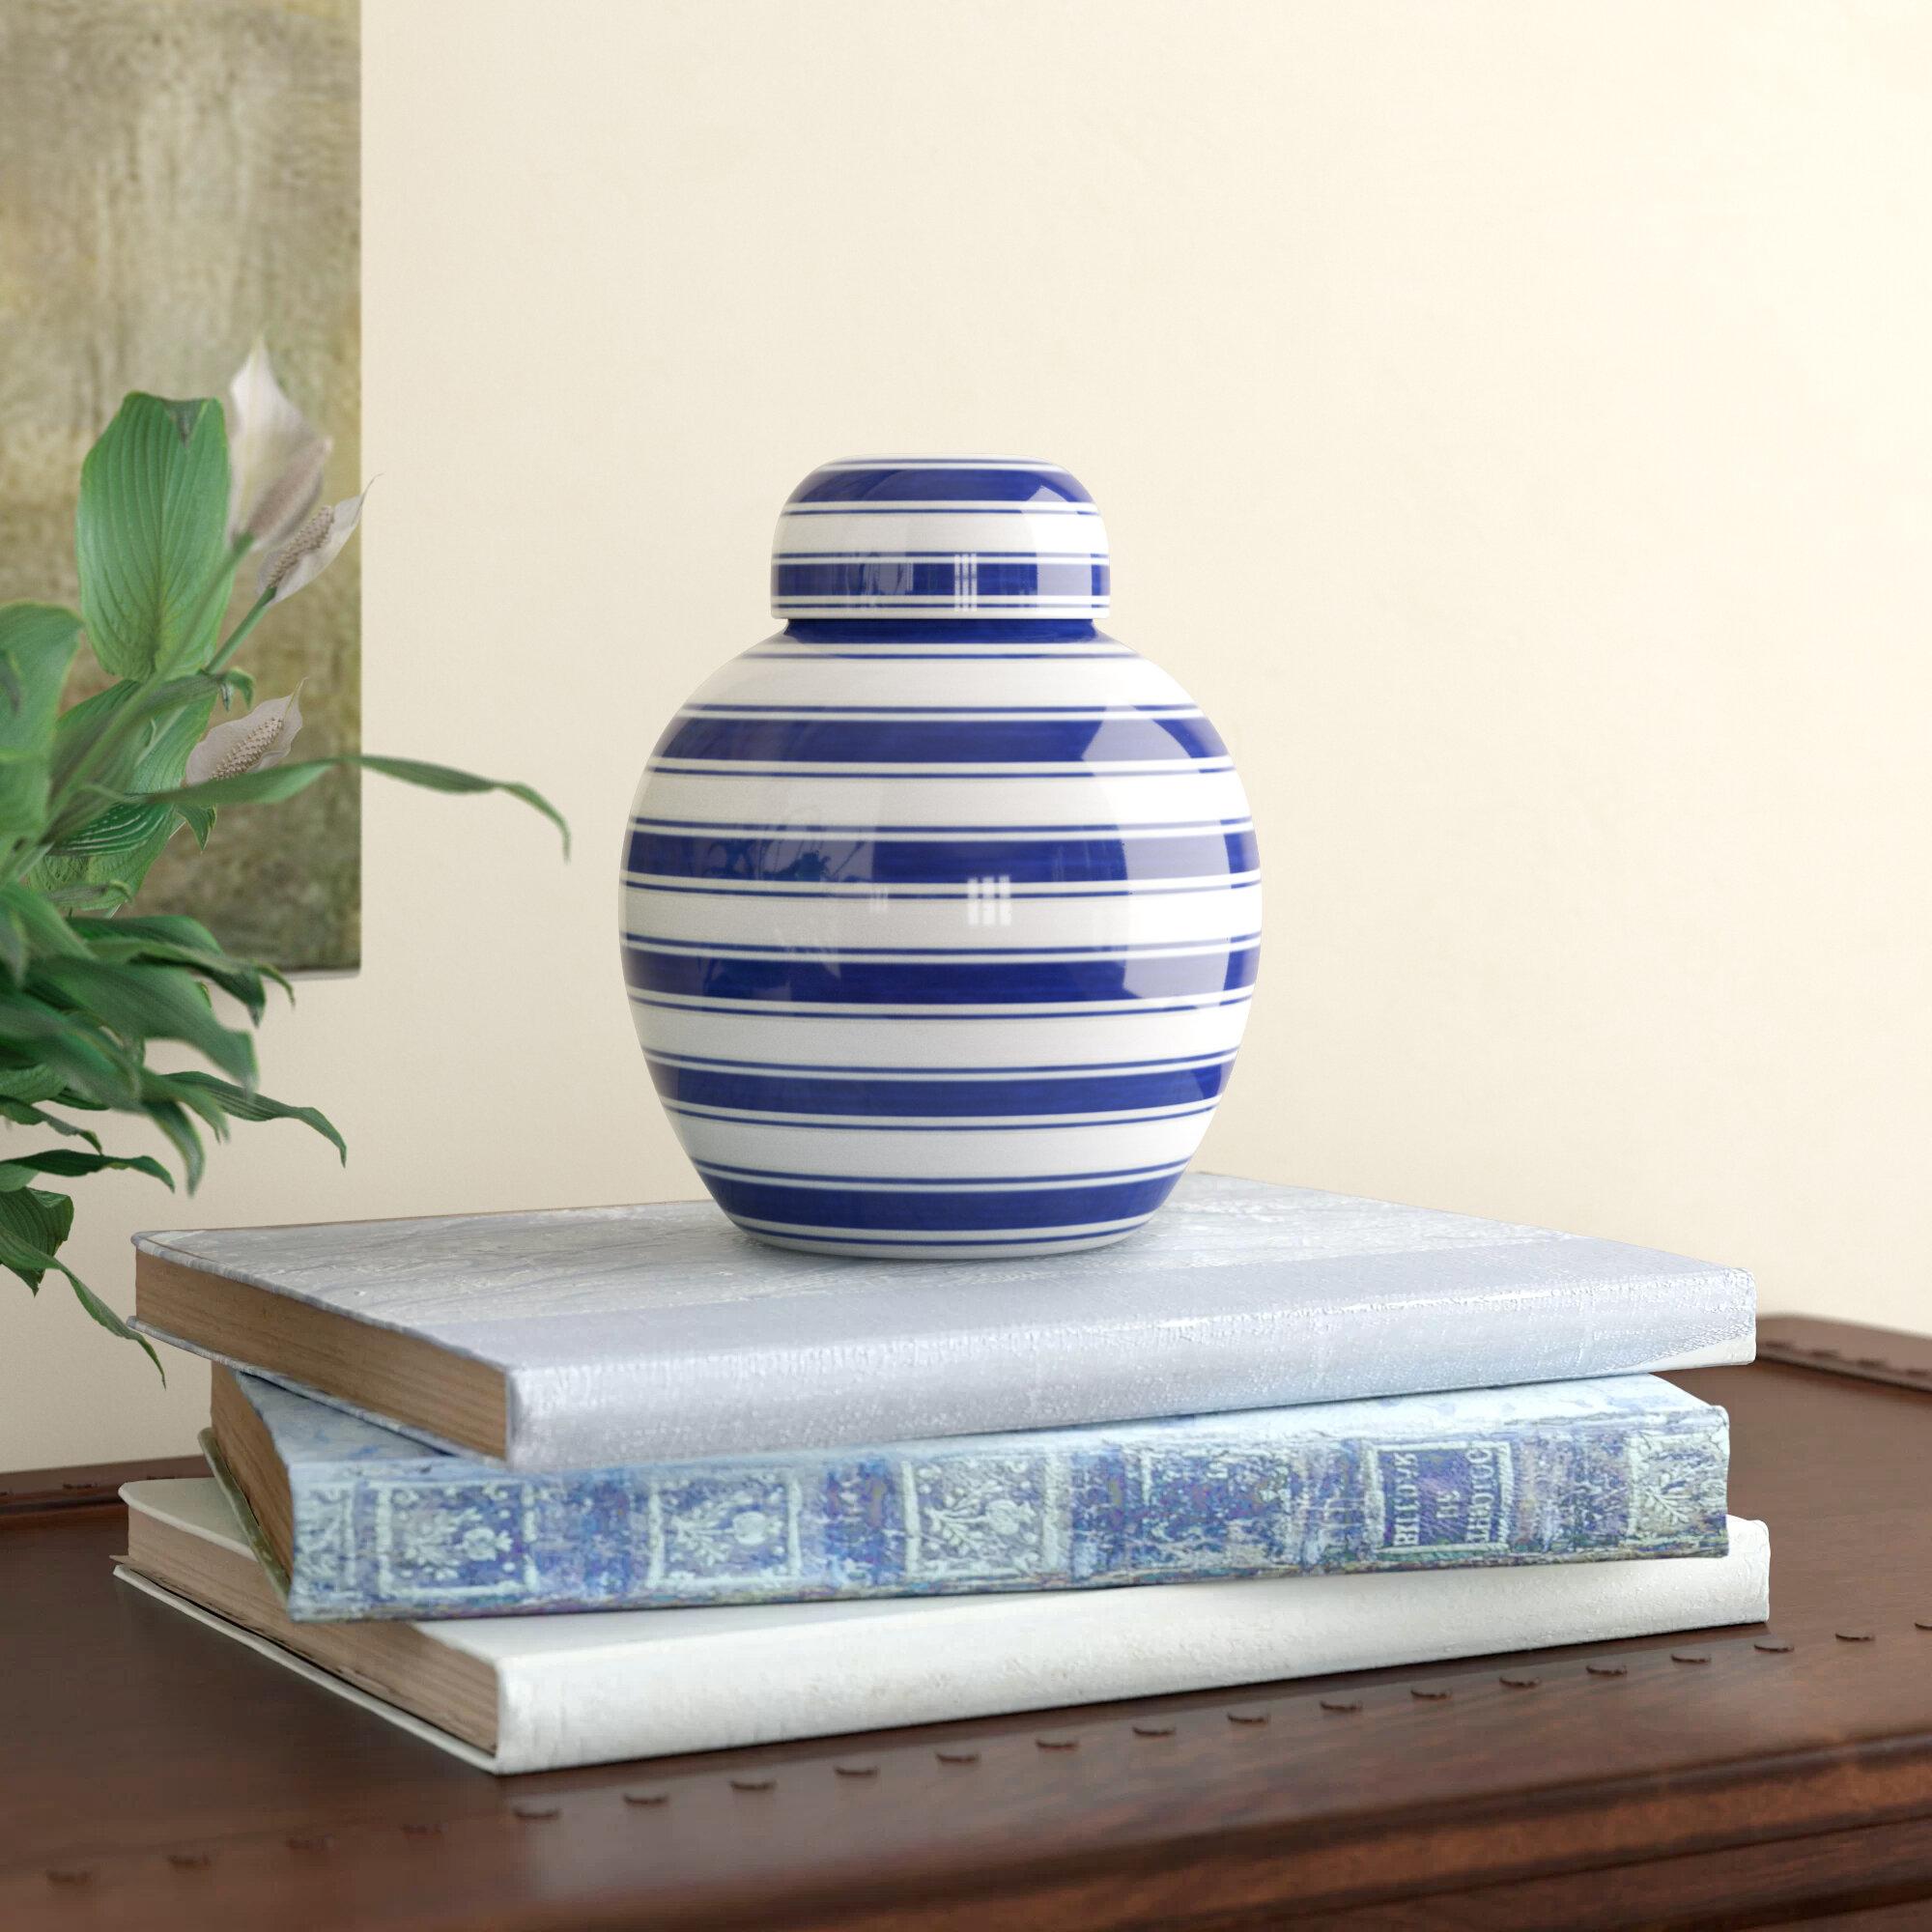 Striped Urns Jars Vases Urns Jars Bottles You Ll Love In 2021 Wayfair